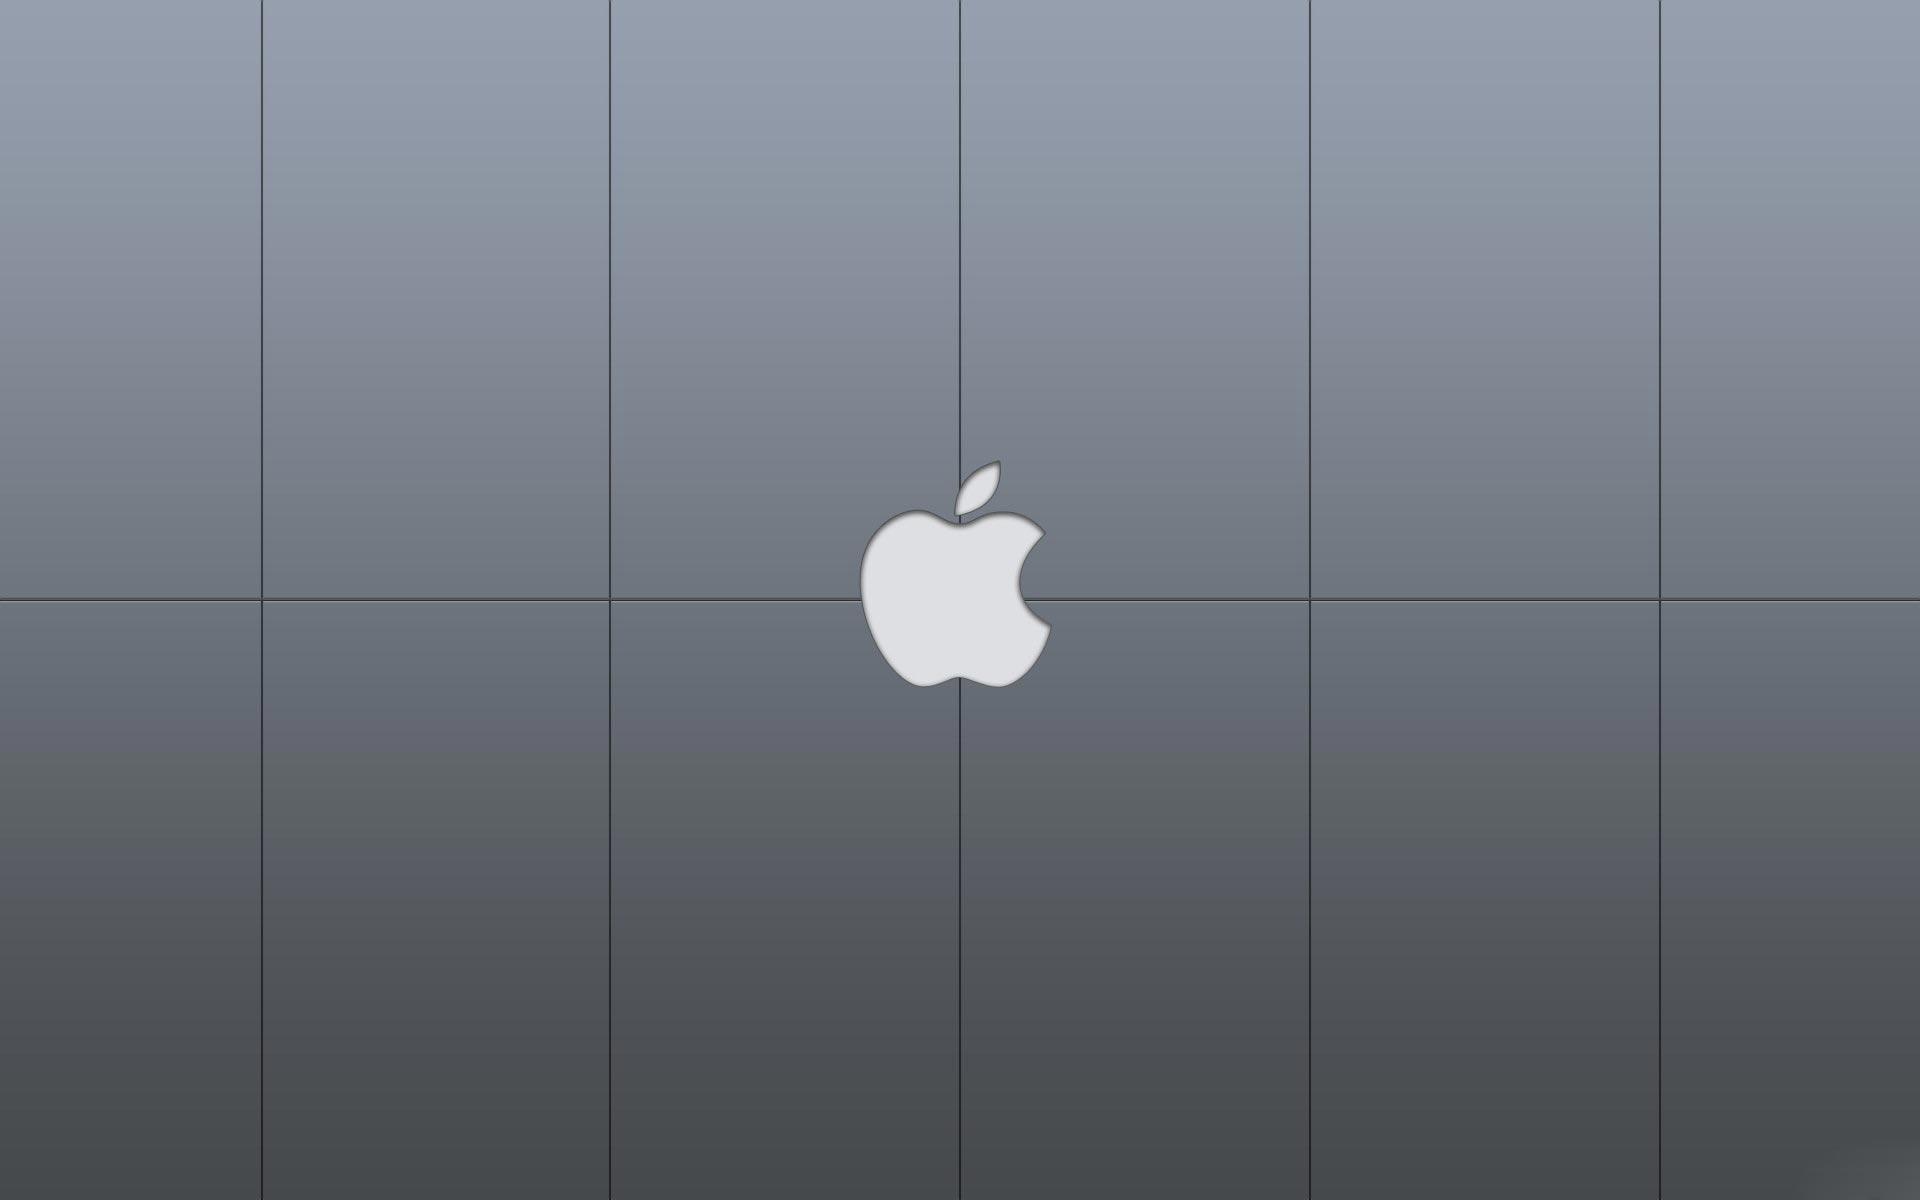 default mac wallpaper 24 - [1920x1200]